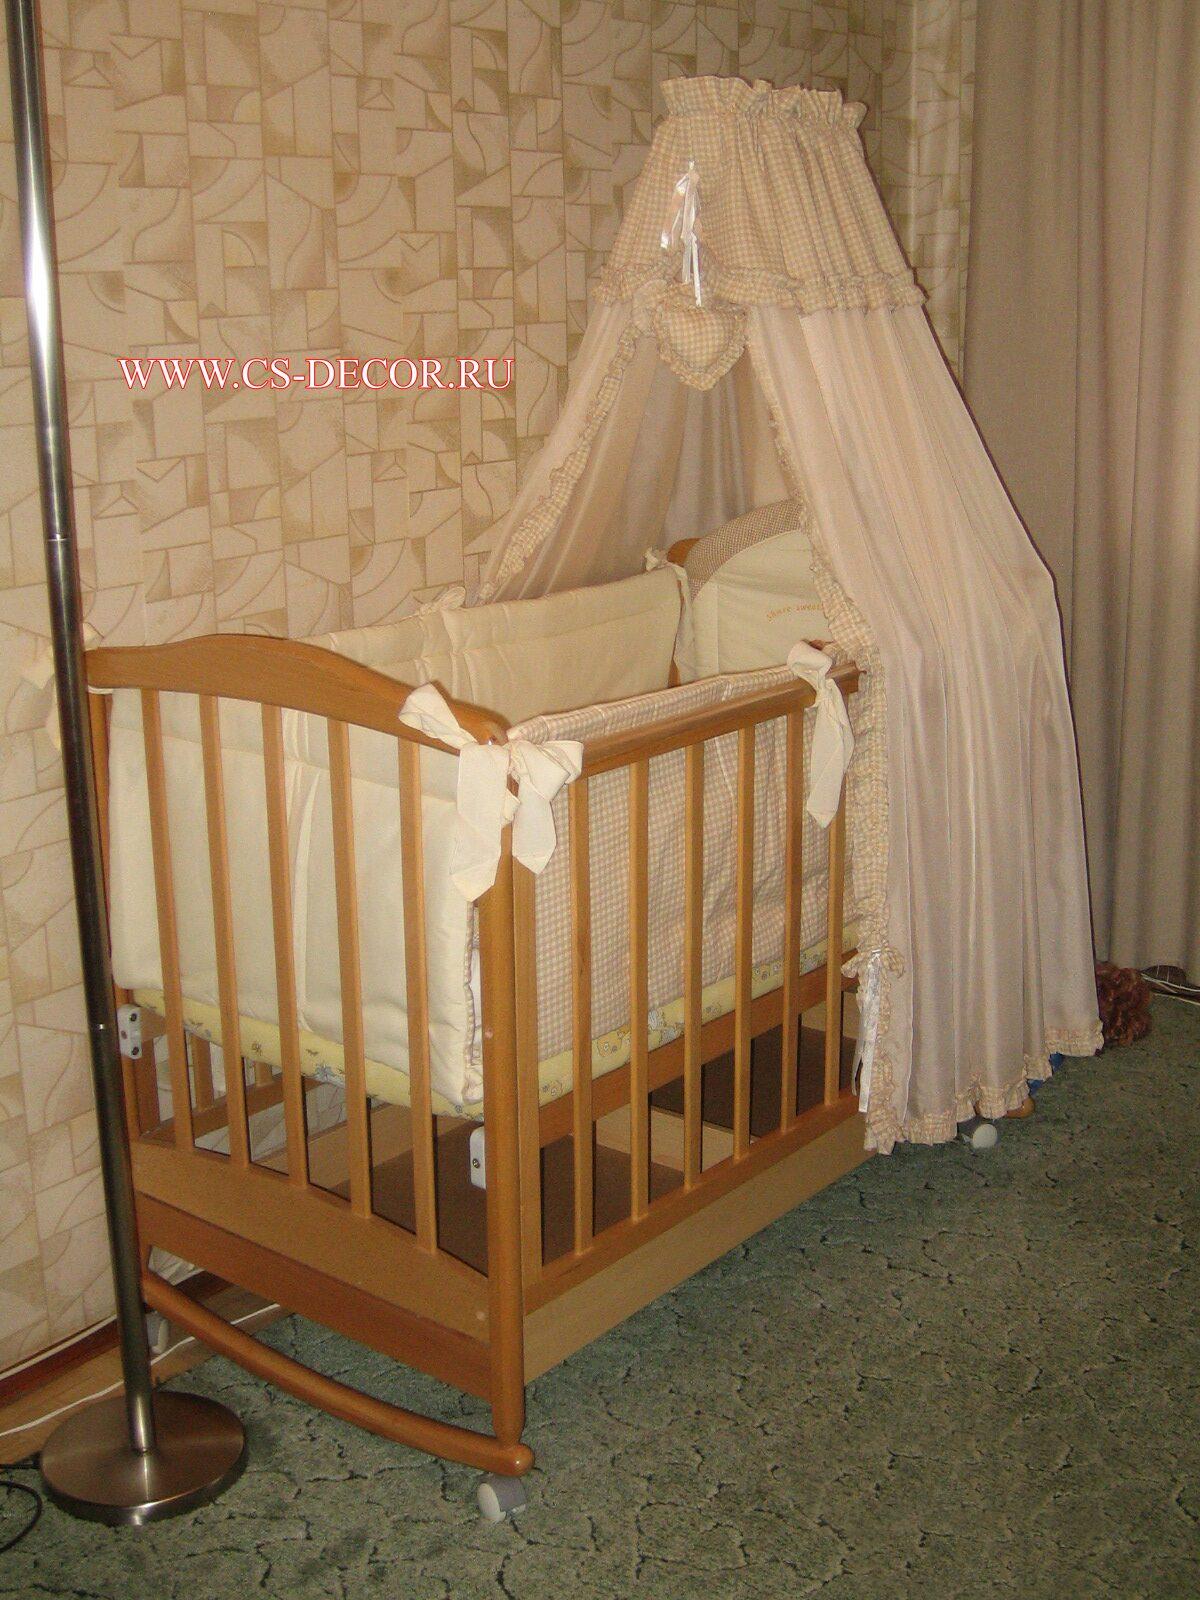 фото балдахин над детской кроватью